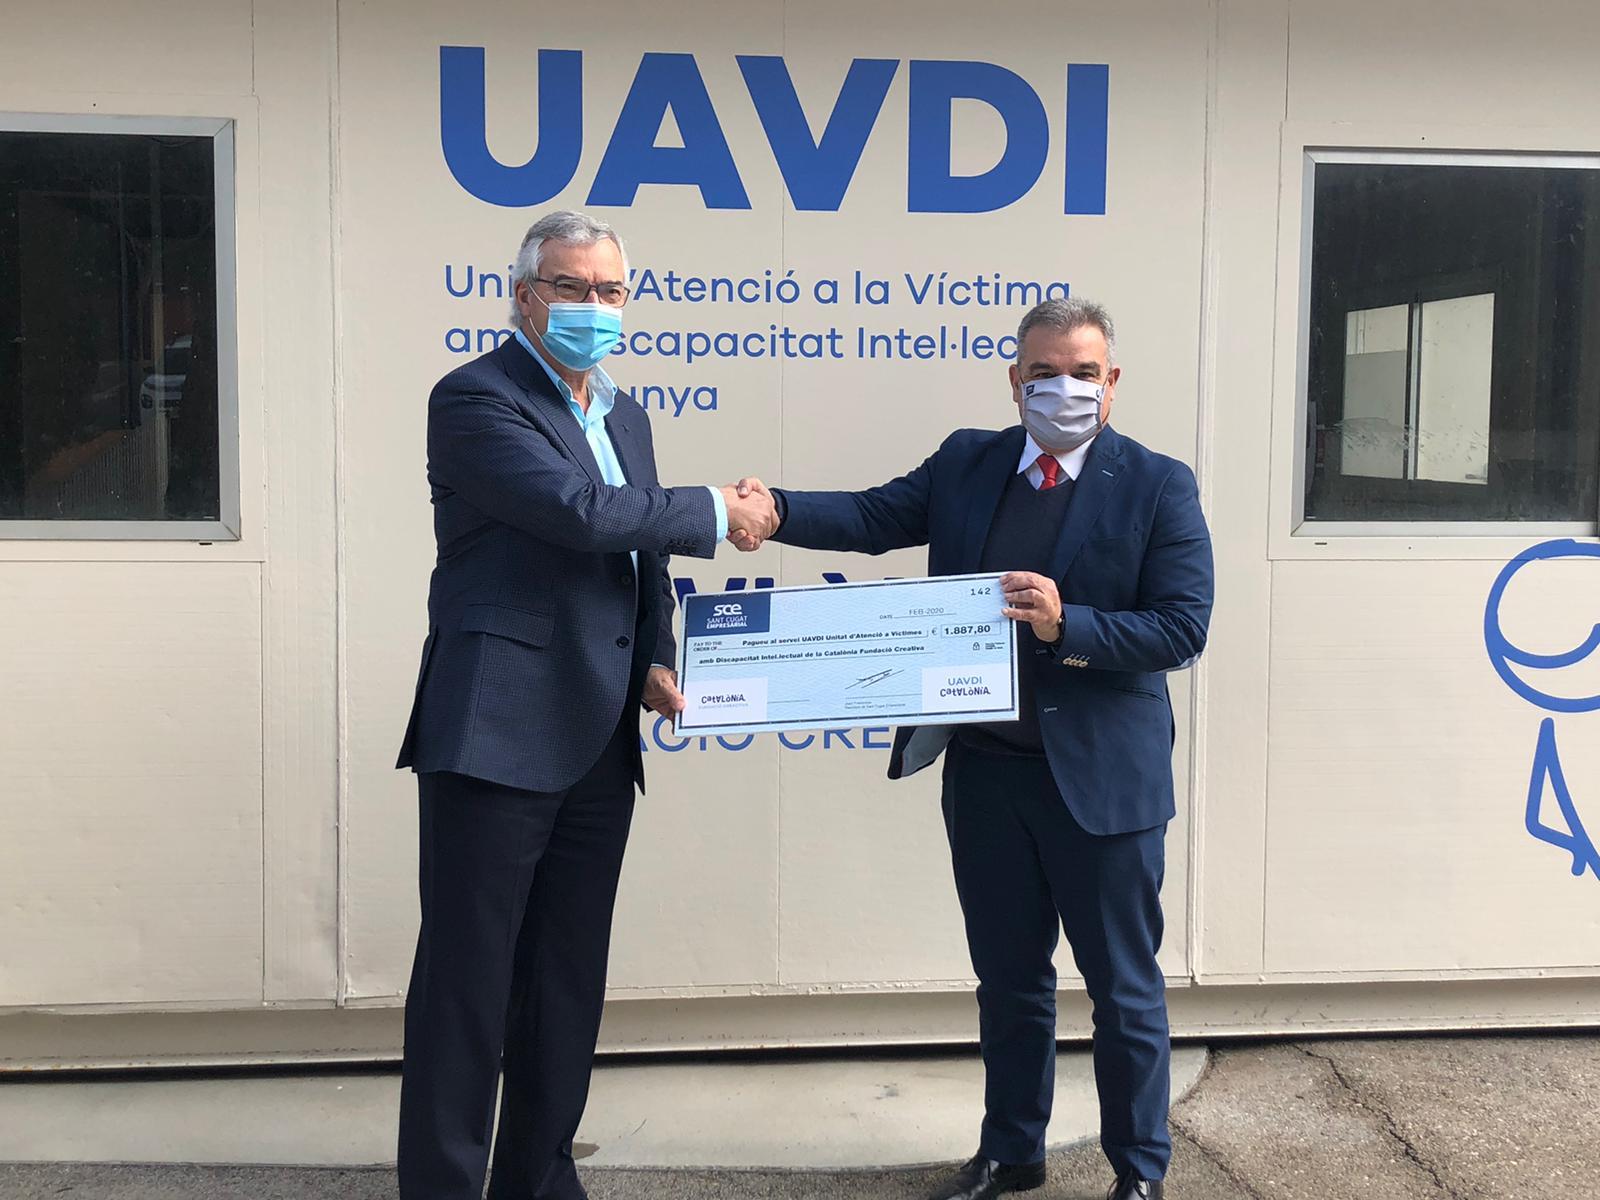 UAVDI Catalònia, és un recurs especialitzat en casos d'abusos i/o maltractaments a persones amb discapacitat intel·lectual, que té com a objectiu reduir el risc de revictimització provocat per les dificultats del sistema policial i judicial de desplegar els suports necessaris a víctimes amb discapacitat intel·lectual. La UAVDI ofereix a les víctimes els serveis de valoració de casos, quan es sospiti que una persona amb DI pot ser víctima d'abús o maltractament, procés d'avaluació de la capacitat prèvia (forense i clínica), assessorament jurídic, i també acompanyament i suport en el procés policial i judicial. La unitat està formada per un grup de professionals especialitzats en Discapacitat Intel·lectual de Catalònia Fundació Creactiva: psicòleg forense, psicòleg sanitari i advocat; i compta amb la col·laboració dels Mossos d'Esquadra, Col·legis d'Advocats, Fiscalia, Policia Nacional i el Departament de Treball, Afers Socials Benestar i Família.